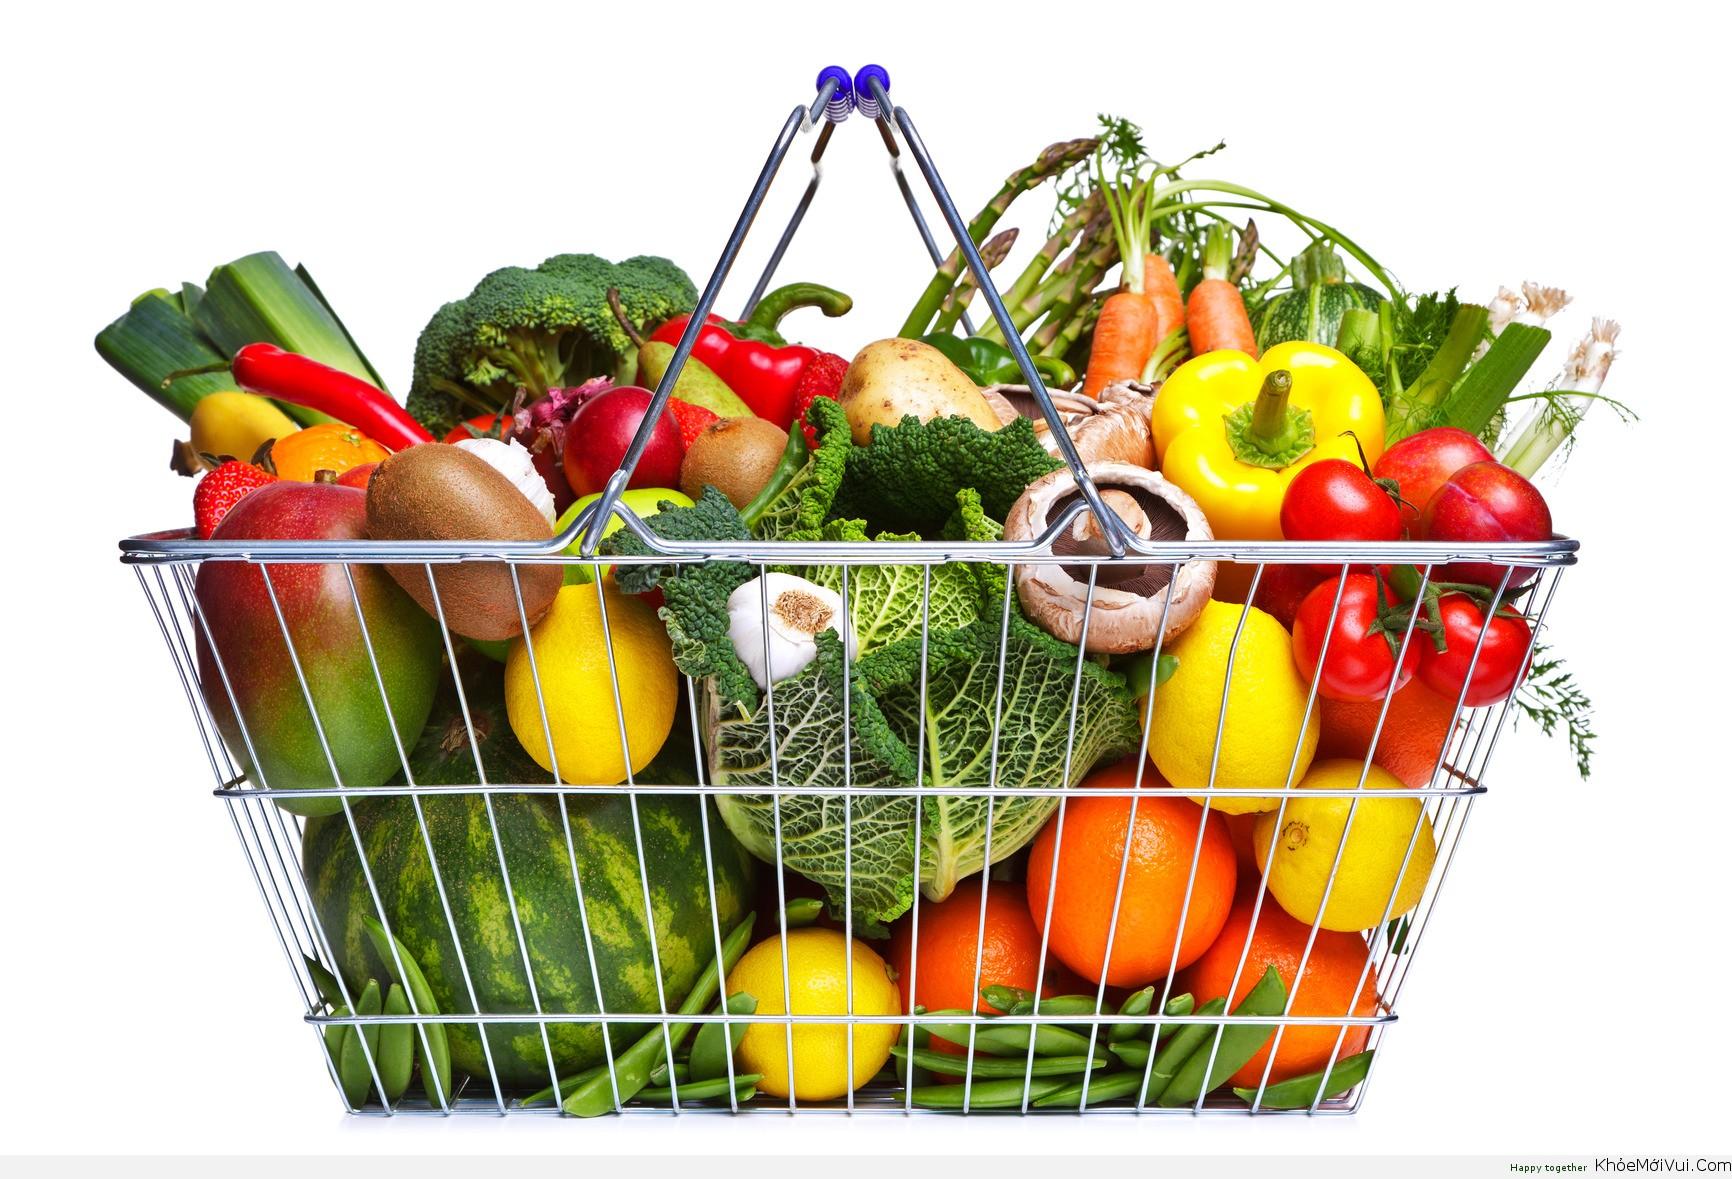 Vận chuyển các loại rau, củ, quả đến Canada nhanh chóng nhất